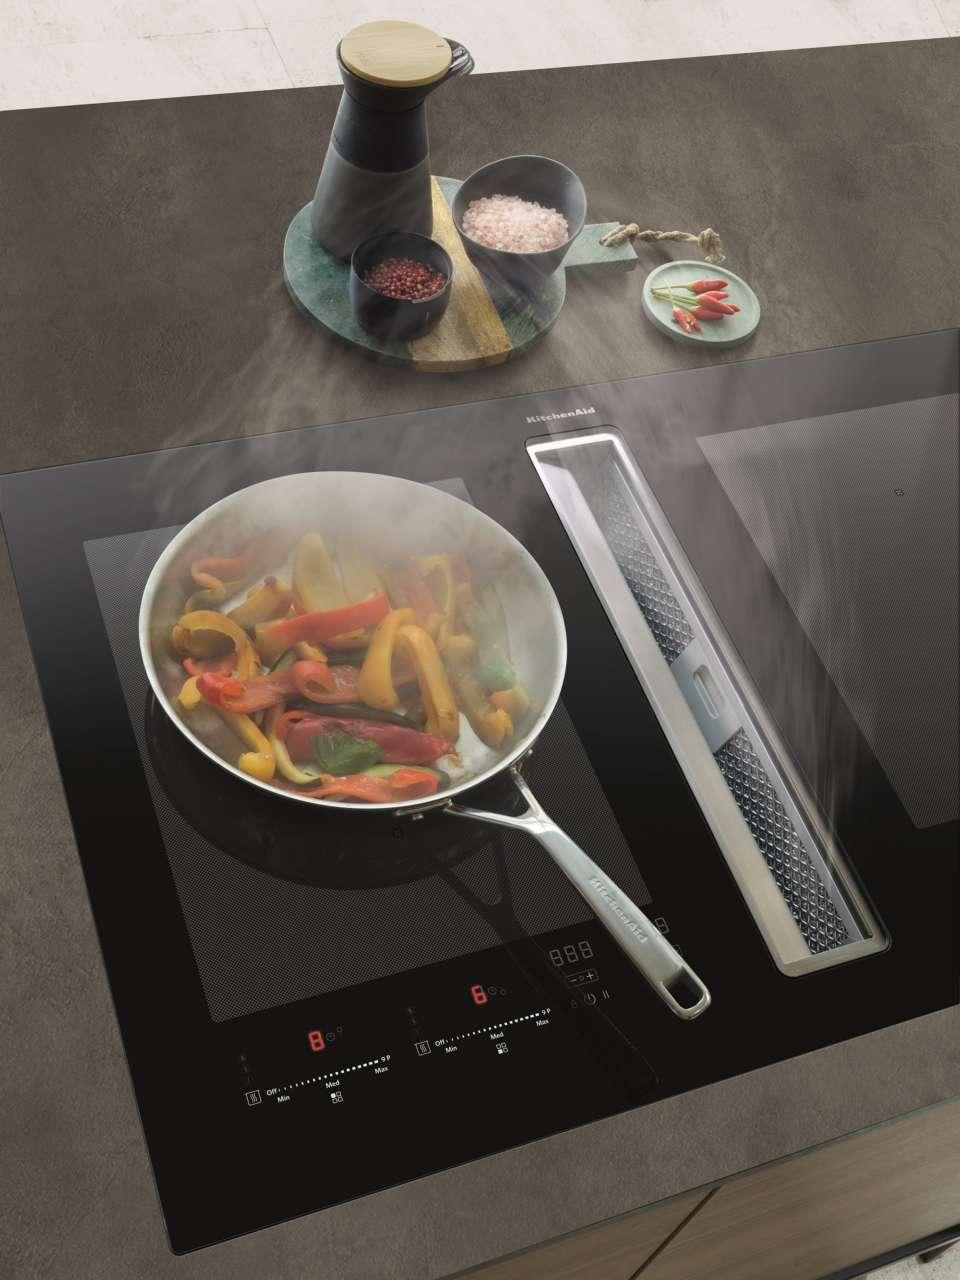 Cucina A Induzione Con Cappa Integrata Dettaglio Top Cucina E